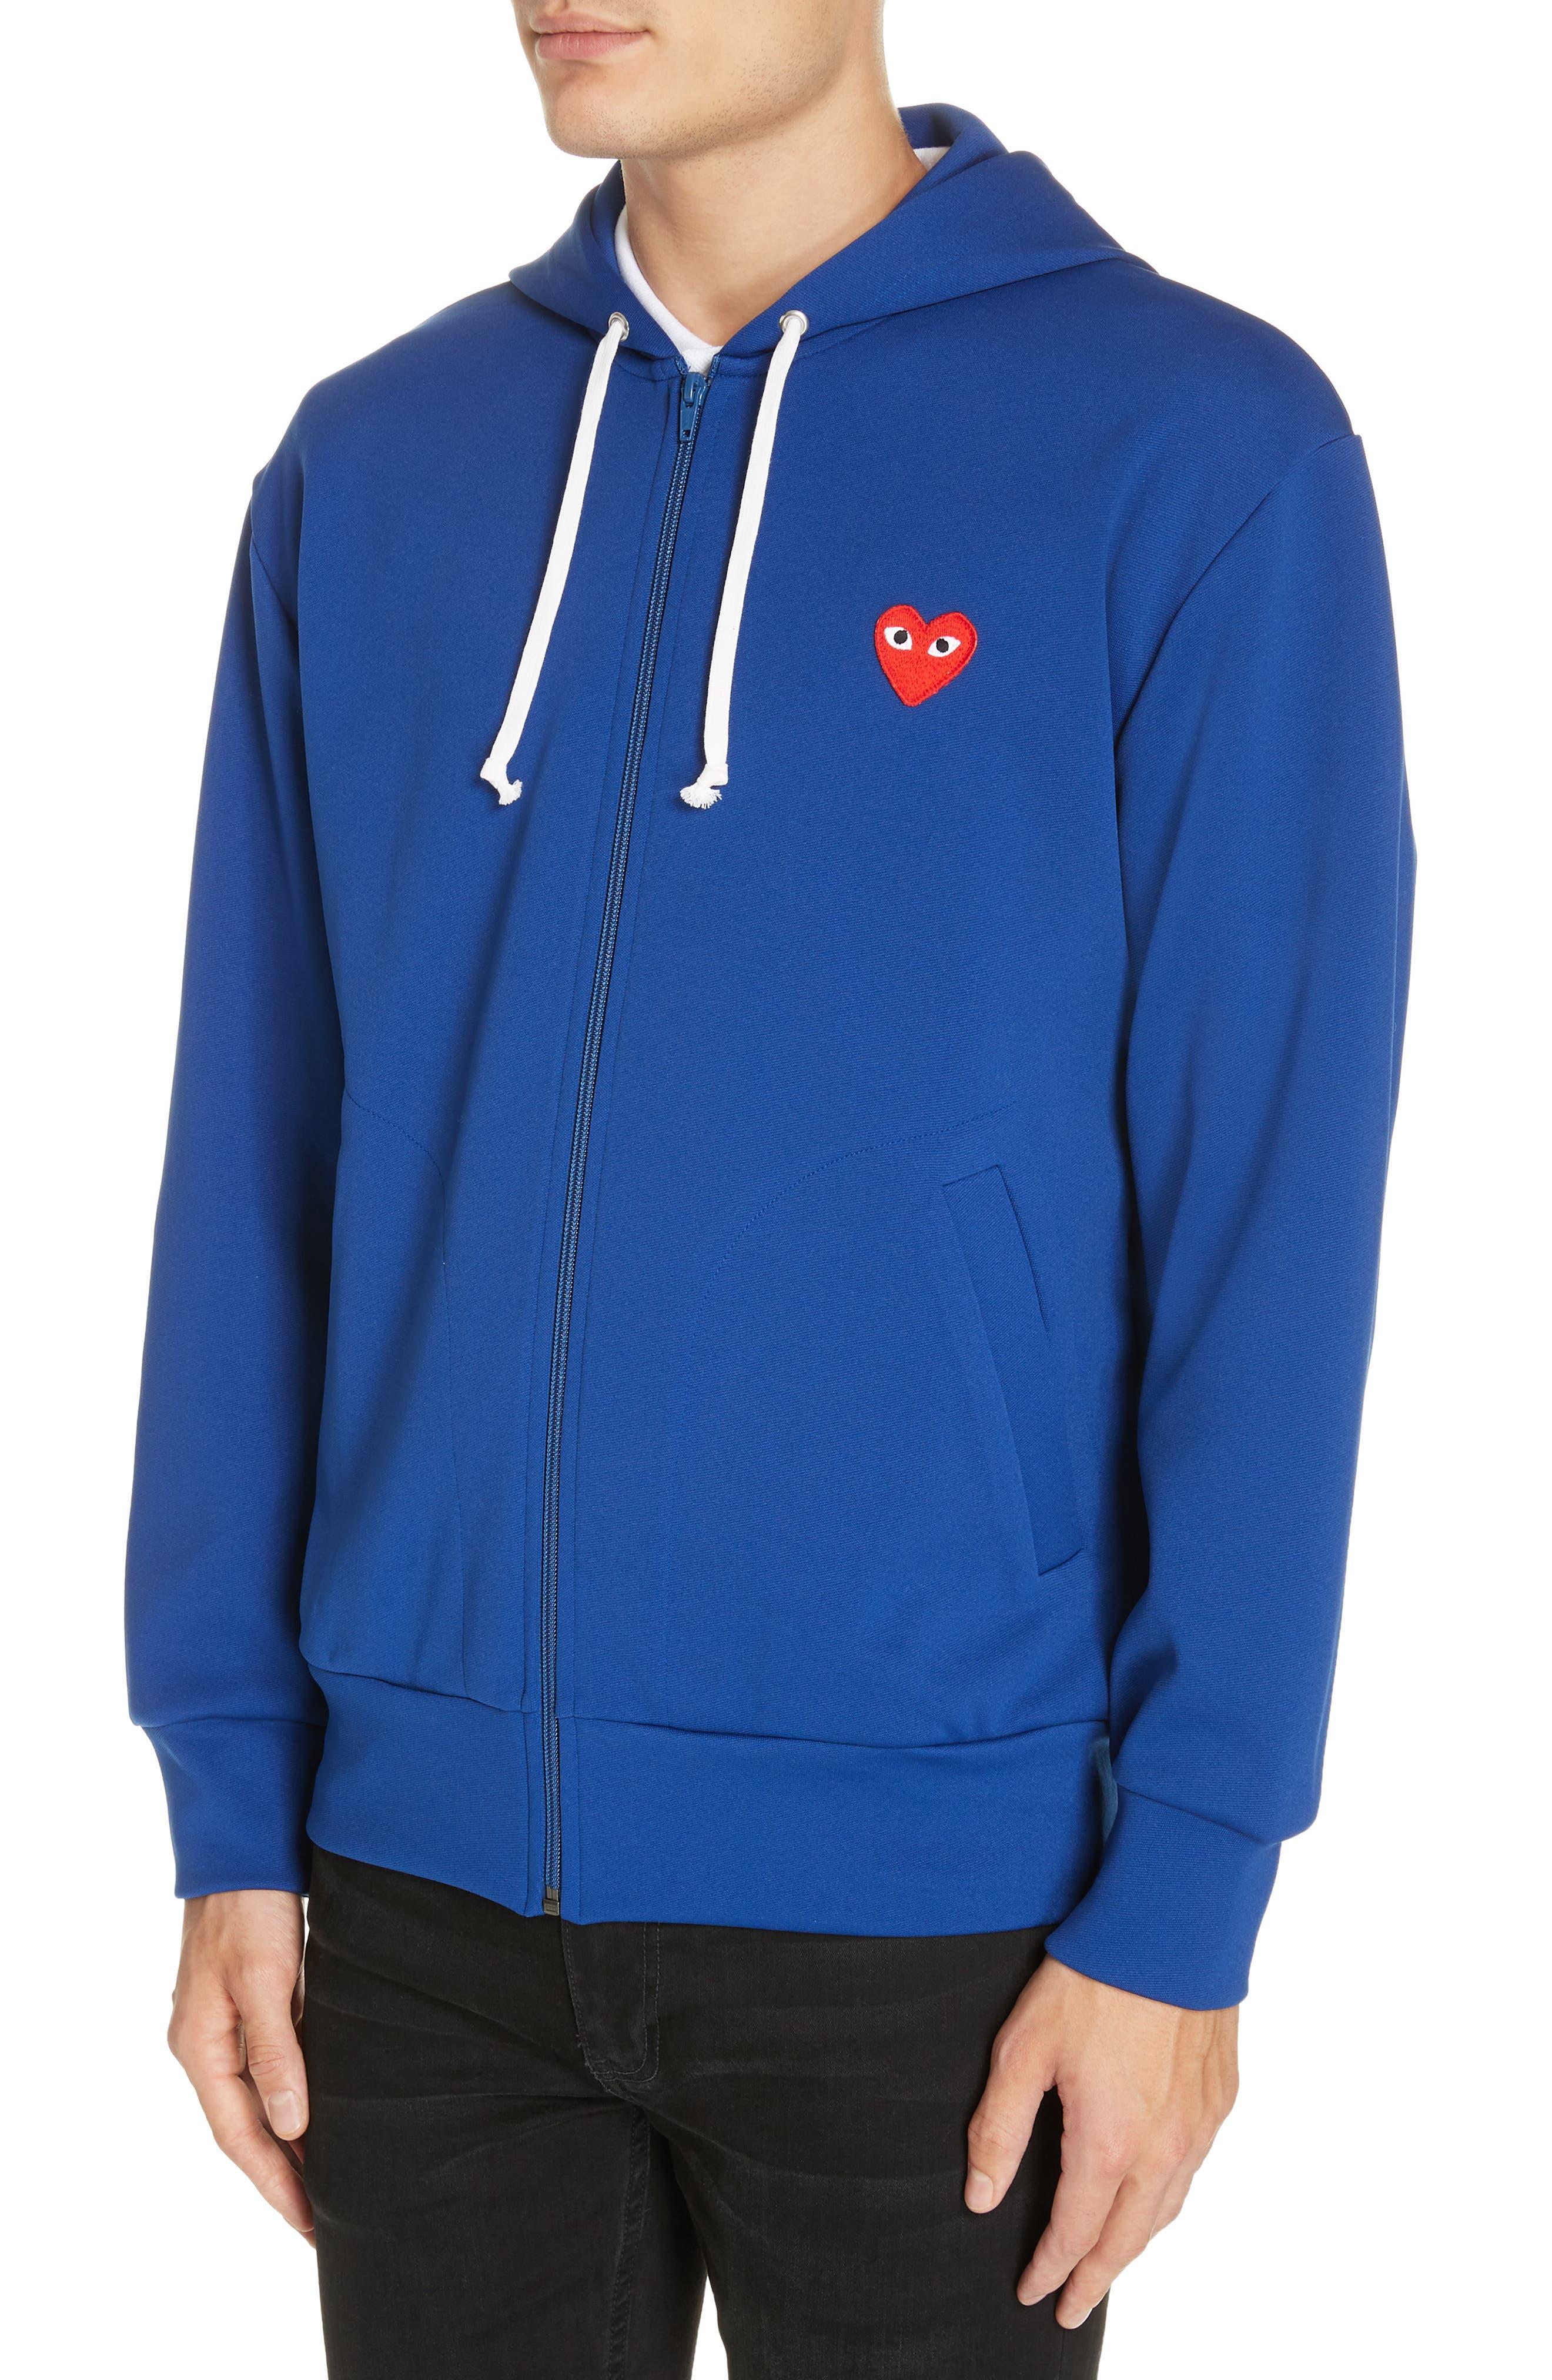 ea4c648190f Men s Hoodies   Sweatshirts